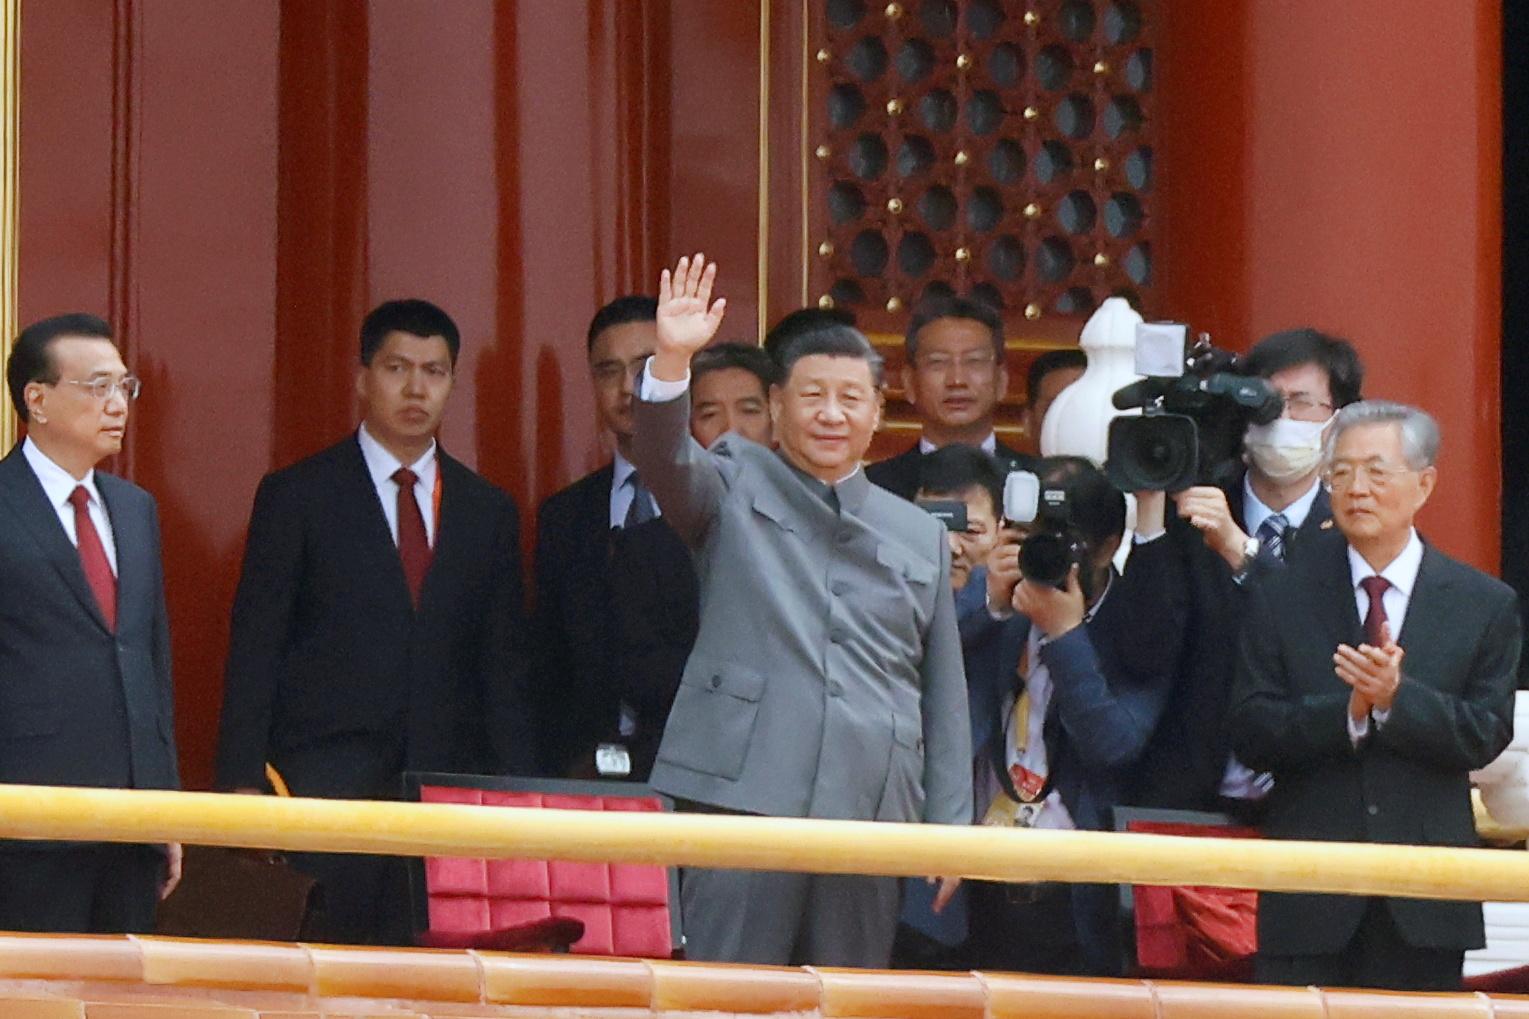 """皮尤研究中心公布17国民调结果显示,对中国领导人习近平(中)的信心保持不变,与去年一样""""接近历史低点""""。-路透社-"""